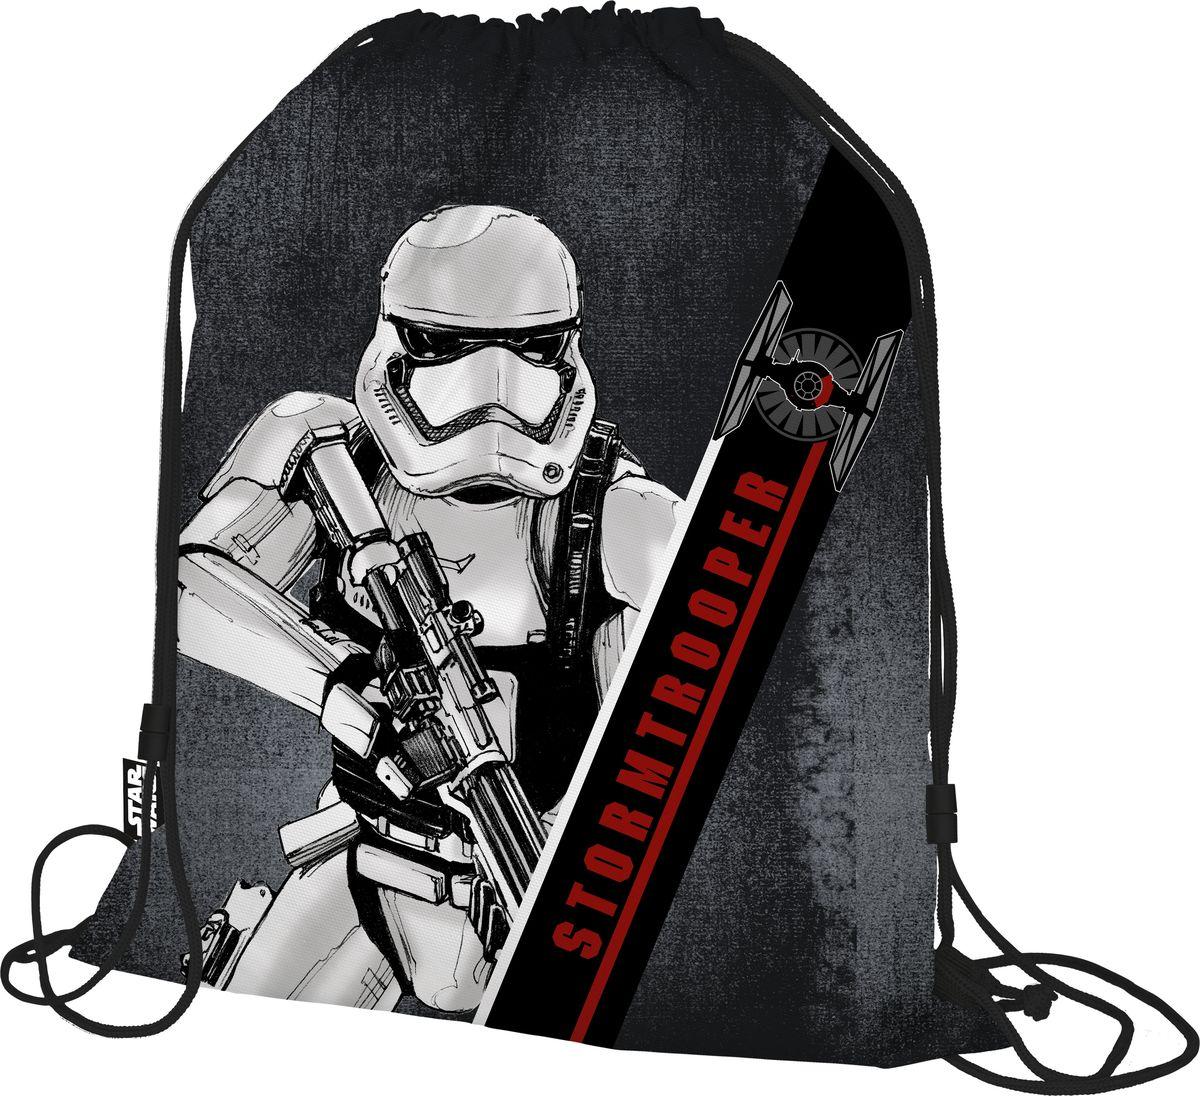 Star Wars Мешок для обуви Star WarsSWDB-MT1-883Мешок для переноски обуви, выполнен из плотного водостойкого материала, затягивается сверху шнуром-лямкой и носится, как рюкзак. Размер: 43 х 34 х 1 см.